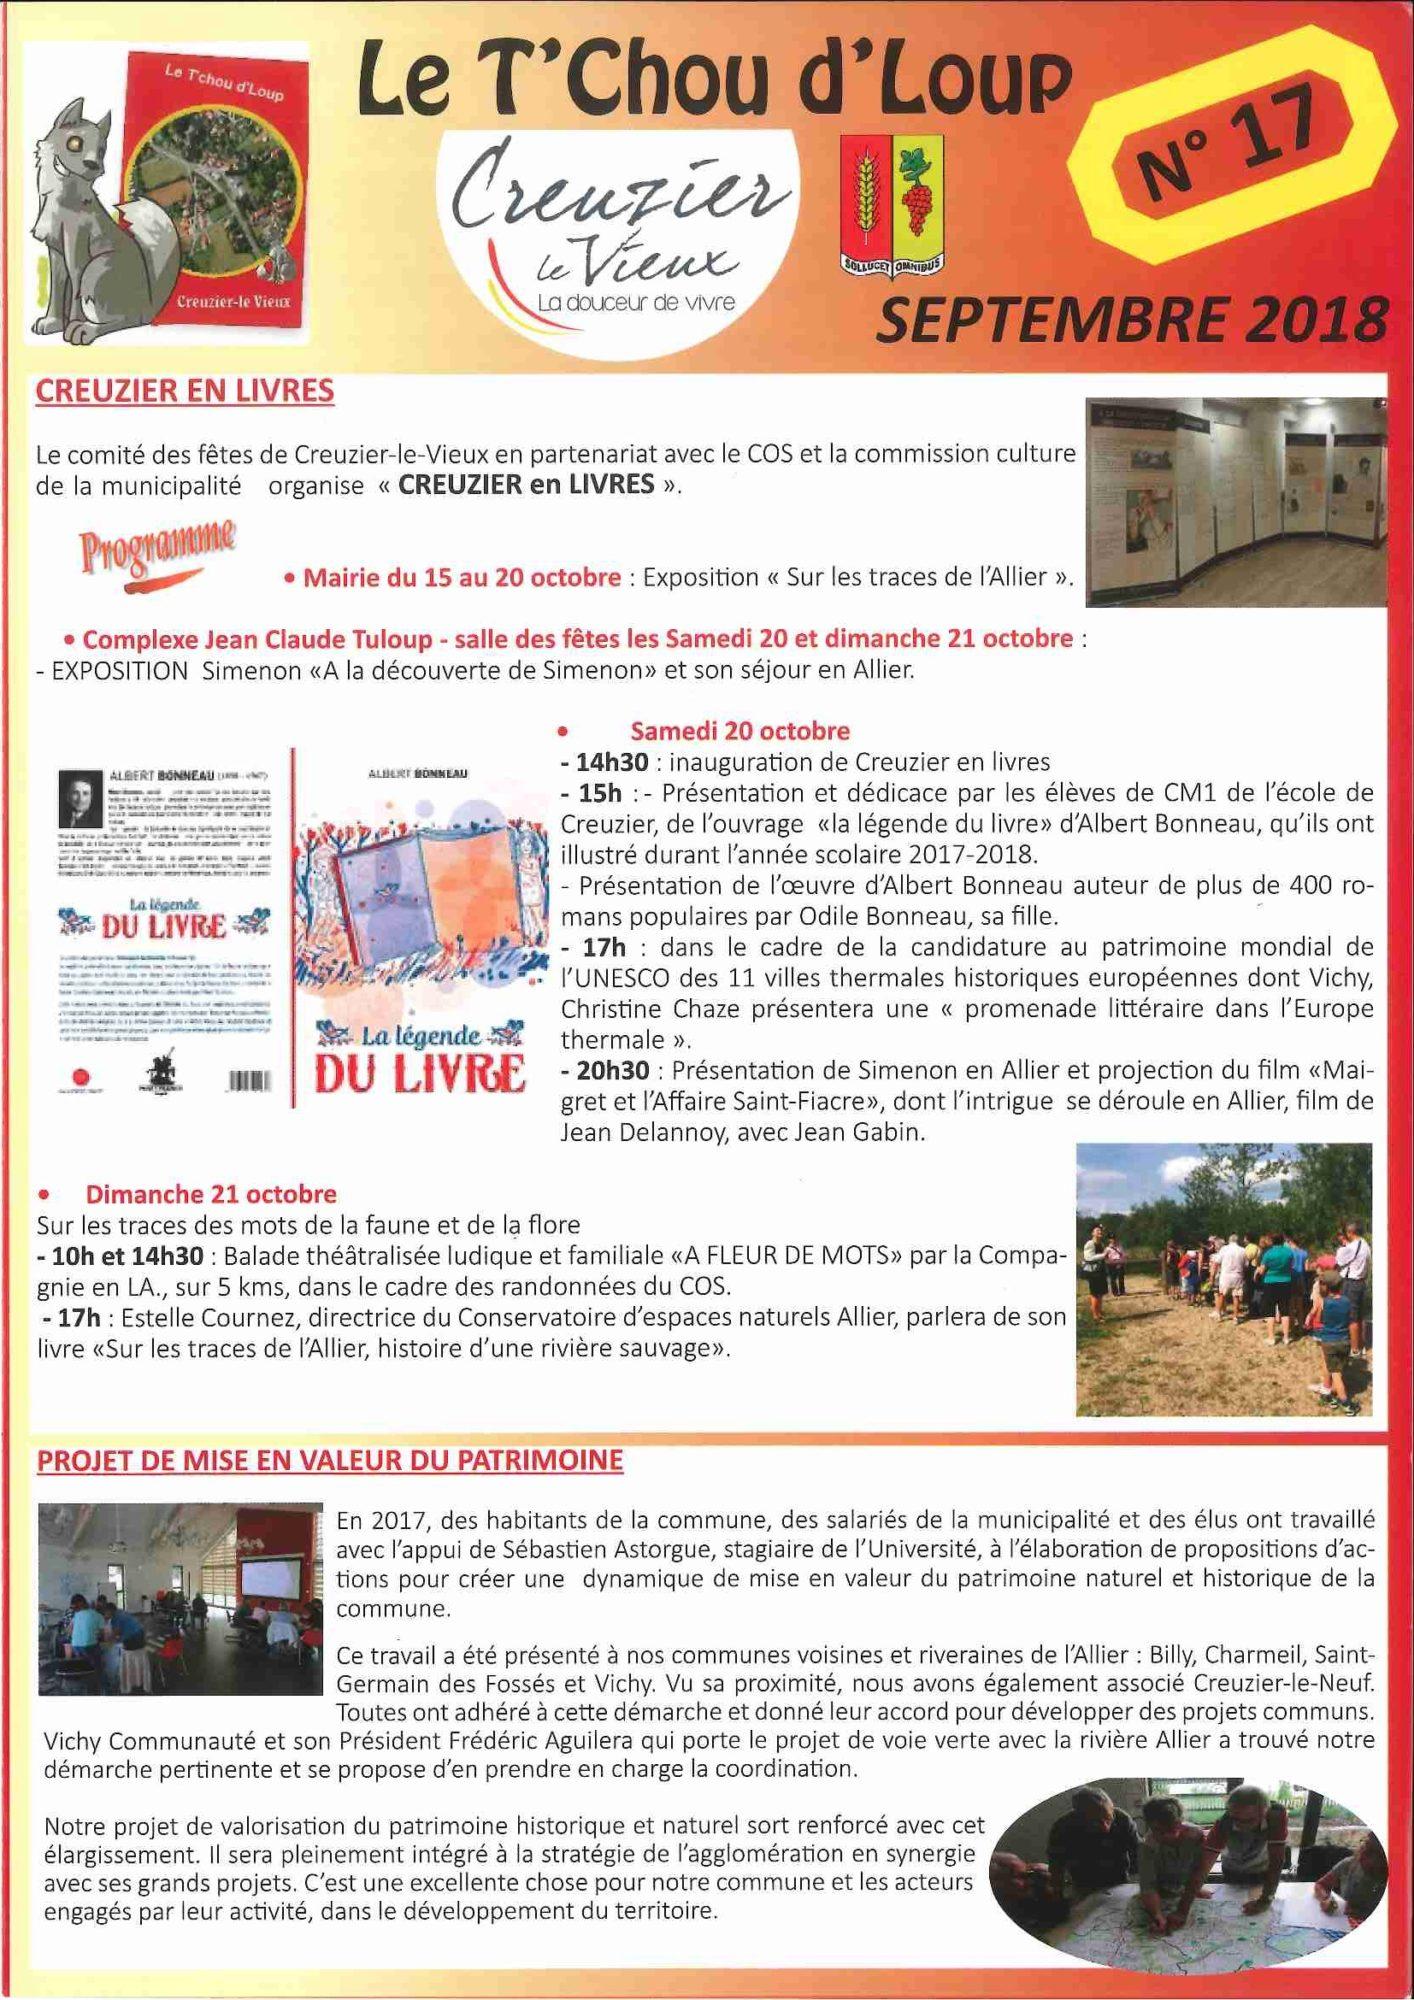 http://www.creuzier-le-vieux.com/wp-content/uploads/2018/09/TCHOUDLOUP-17-2018.pdf